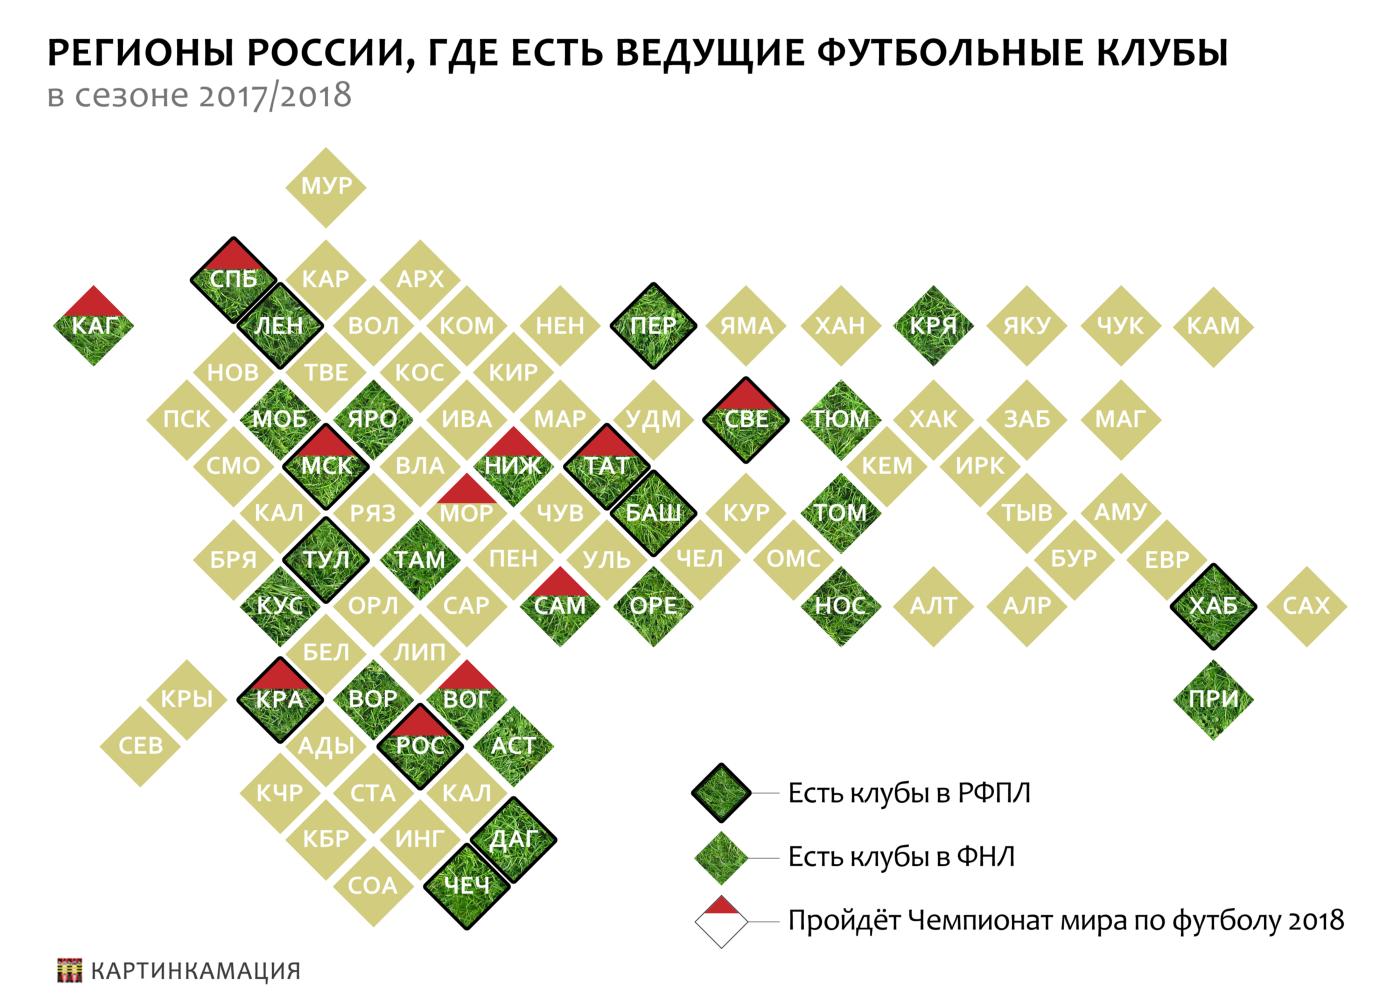 топ клубы РФ